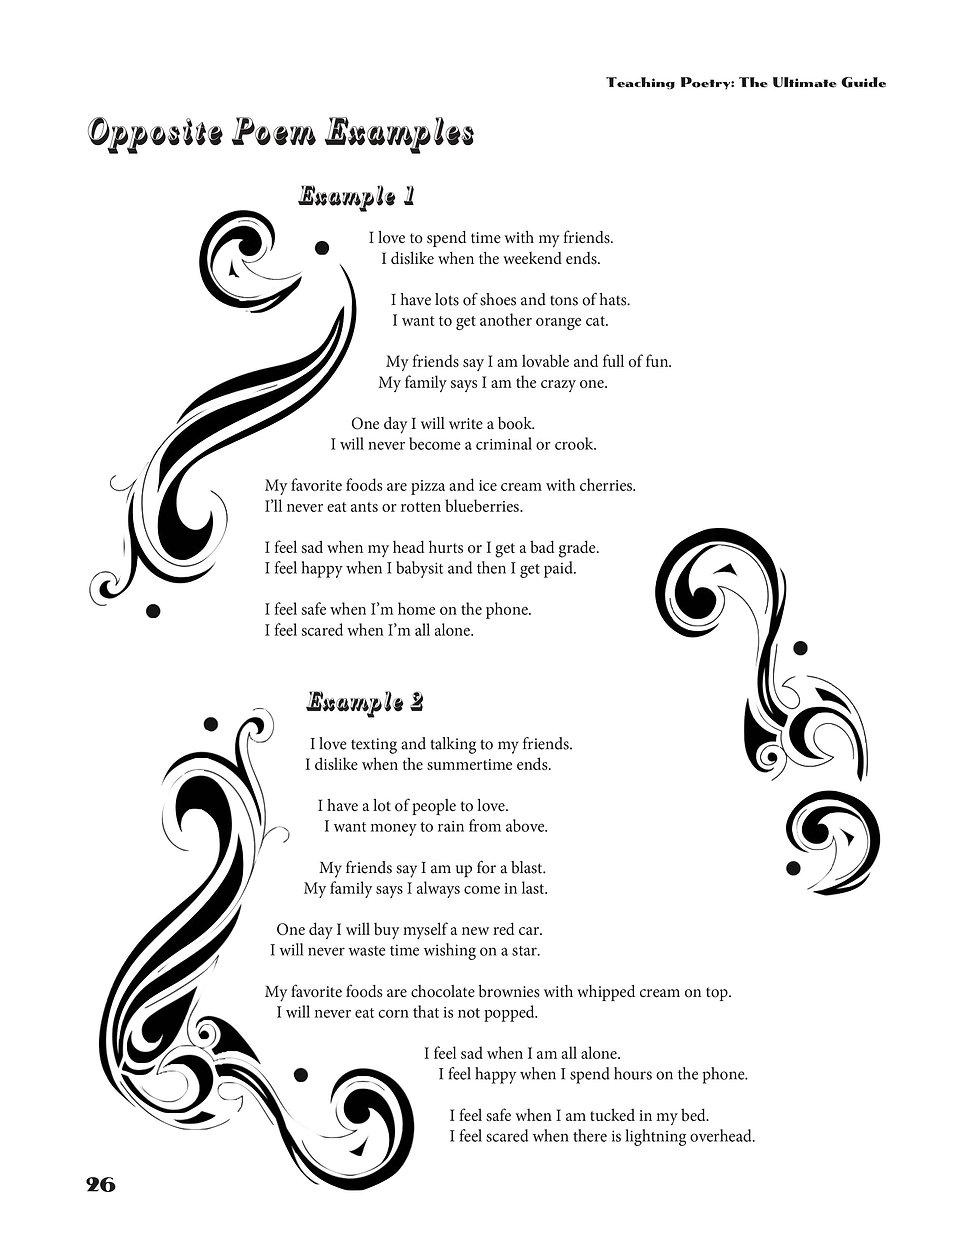 Opposite Poems.jpg